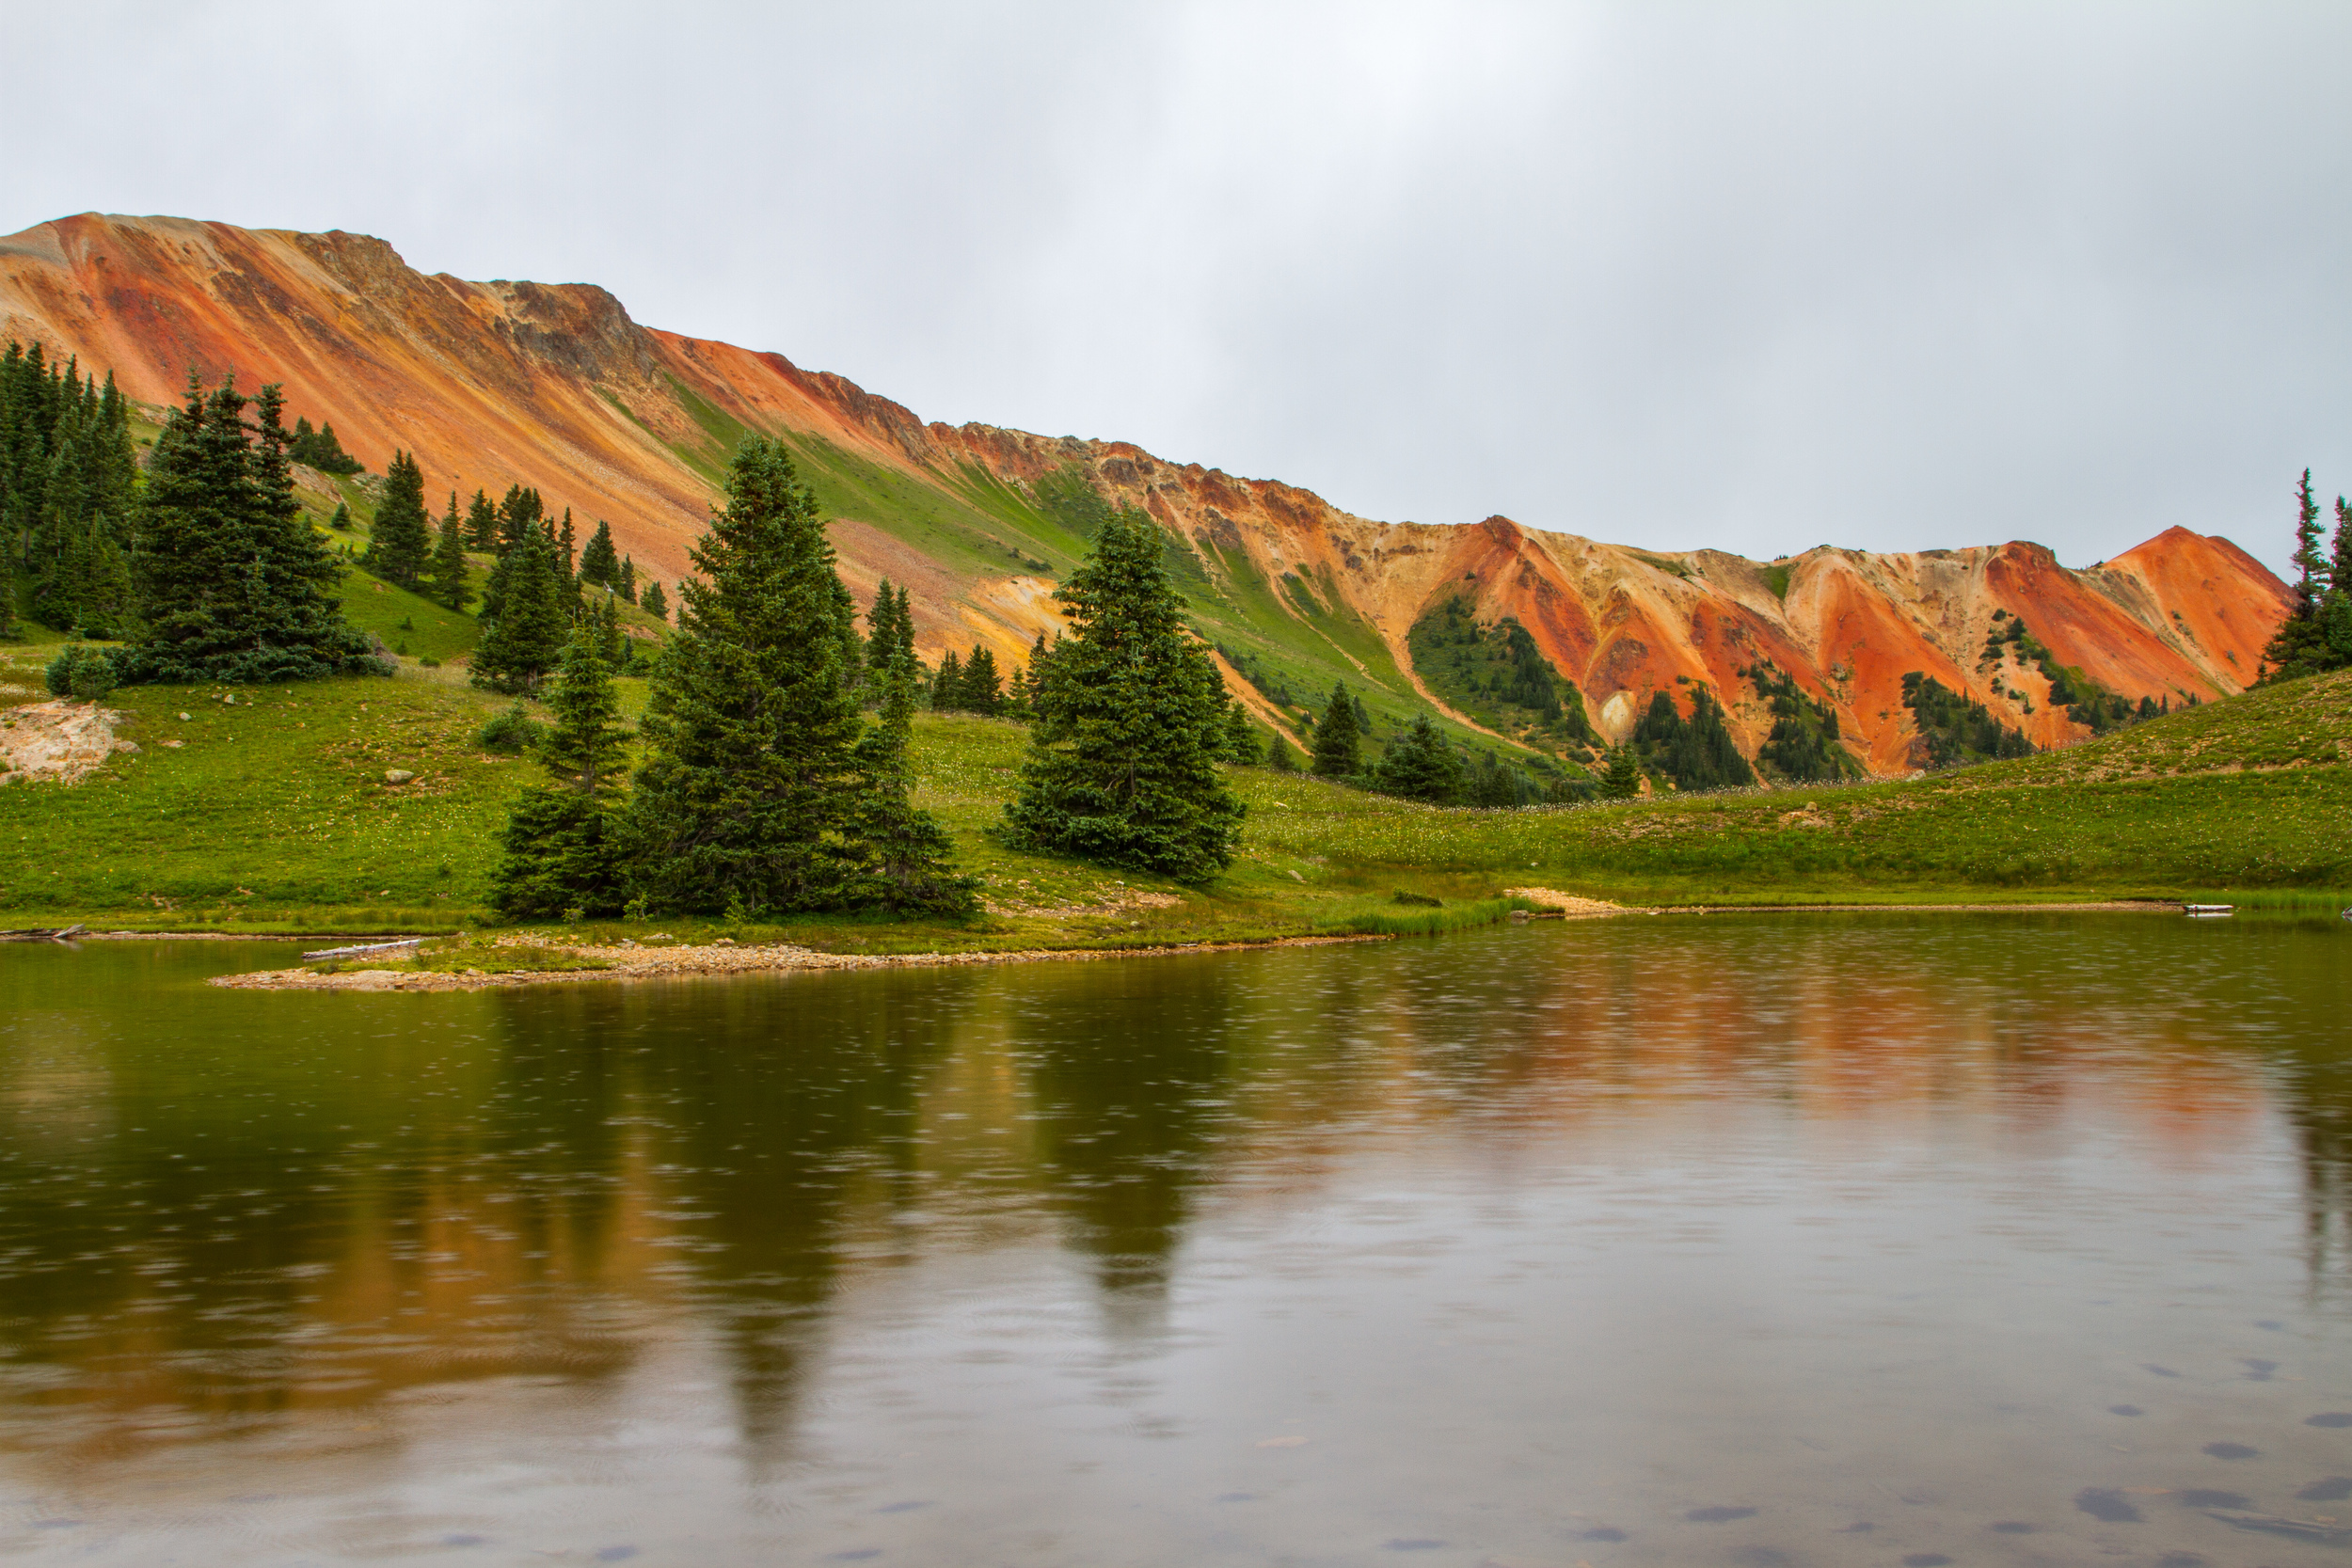 Gray Copper Gulch Raindrops, Image # 7686